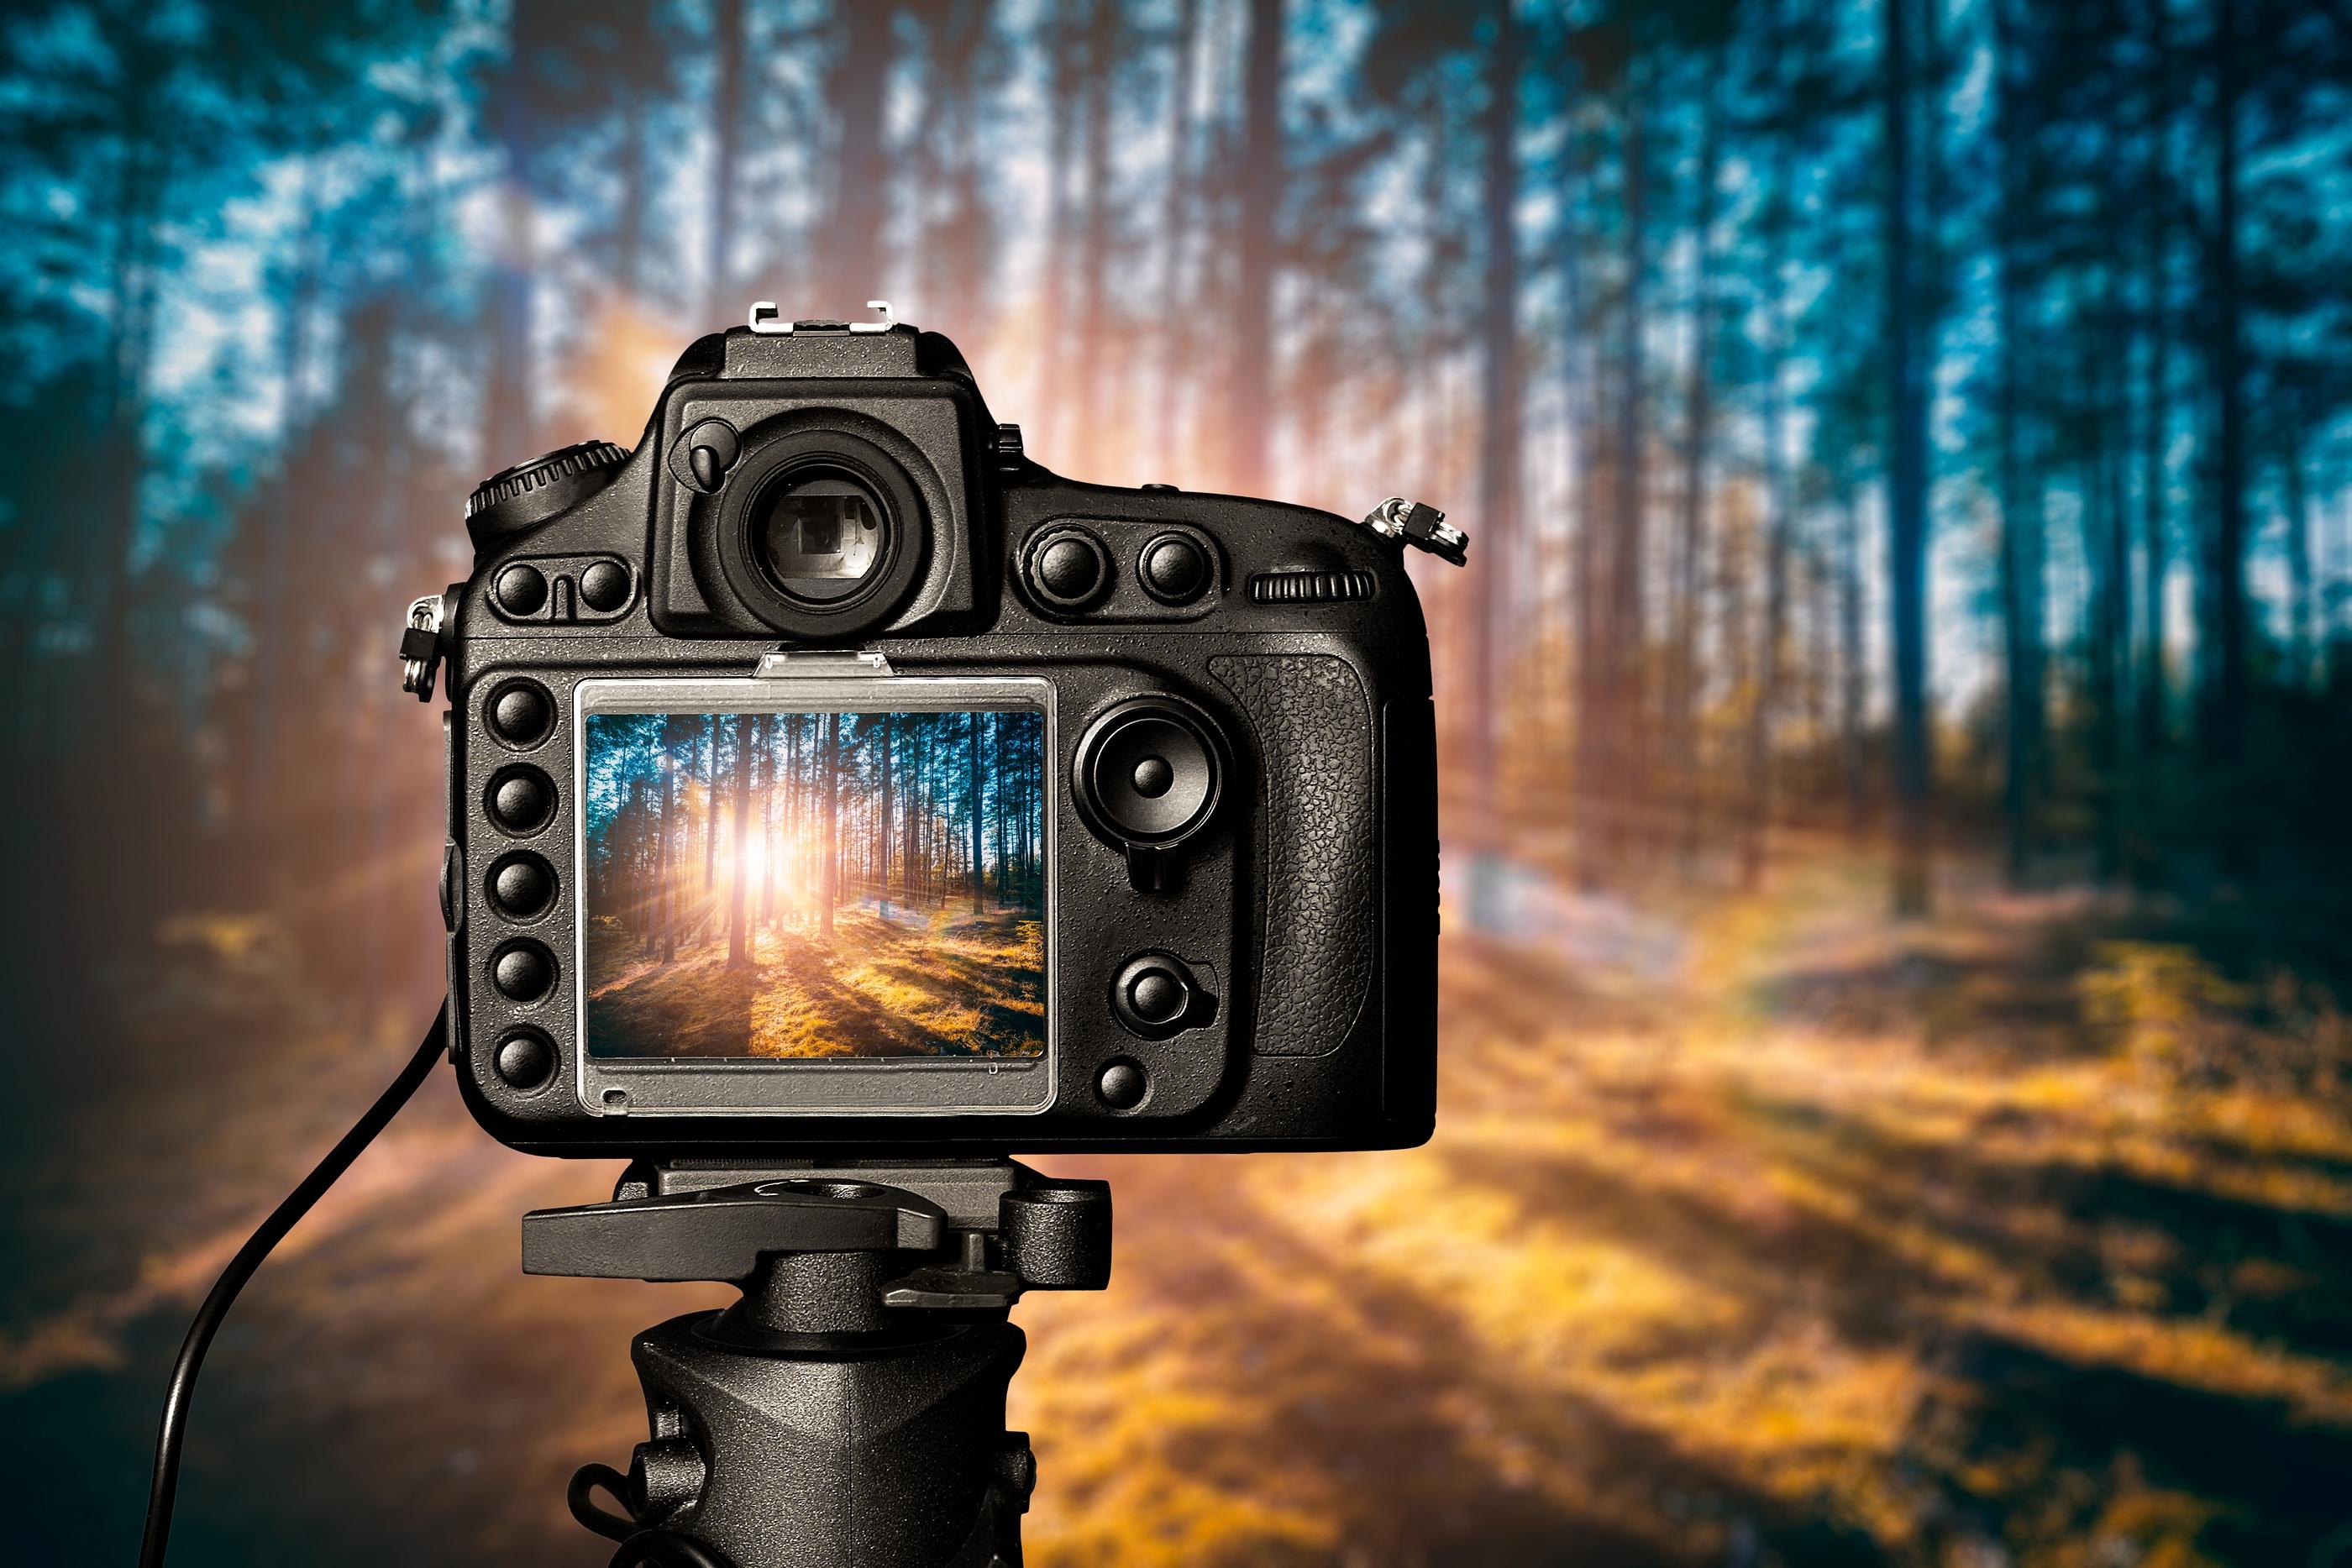 сушилась какую выбрать фотопленку для фотографии пейзажей картины впечатляют